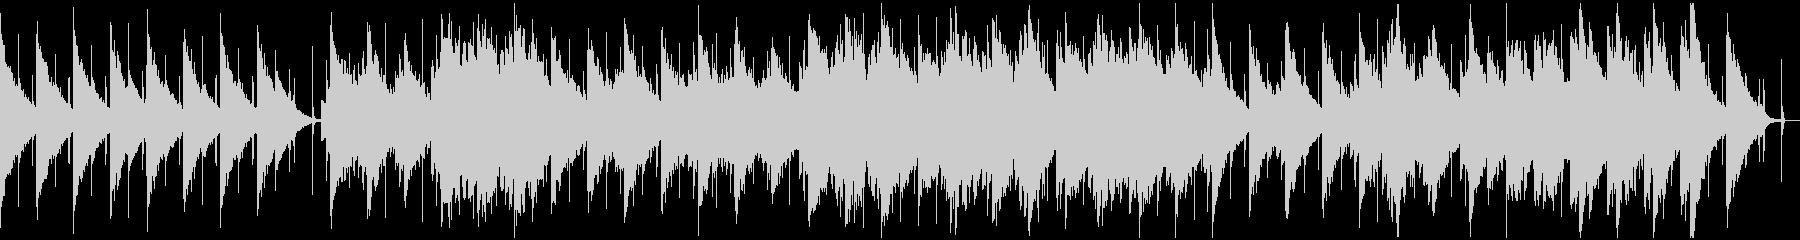 ループ仕様 静かな雰囲気のBGMの未再生の波形